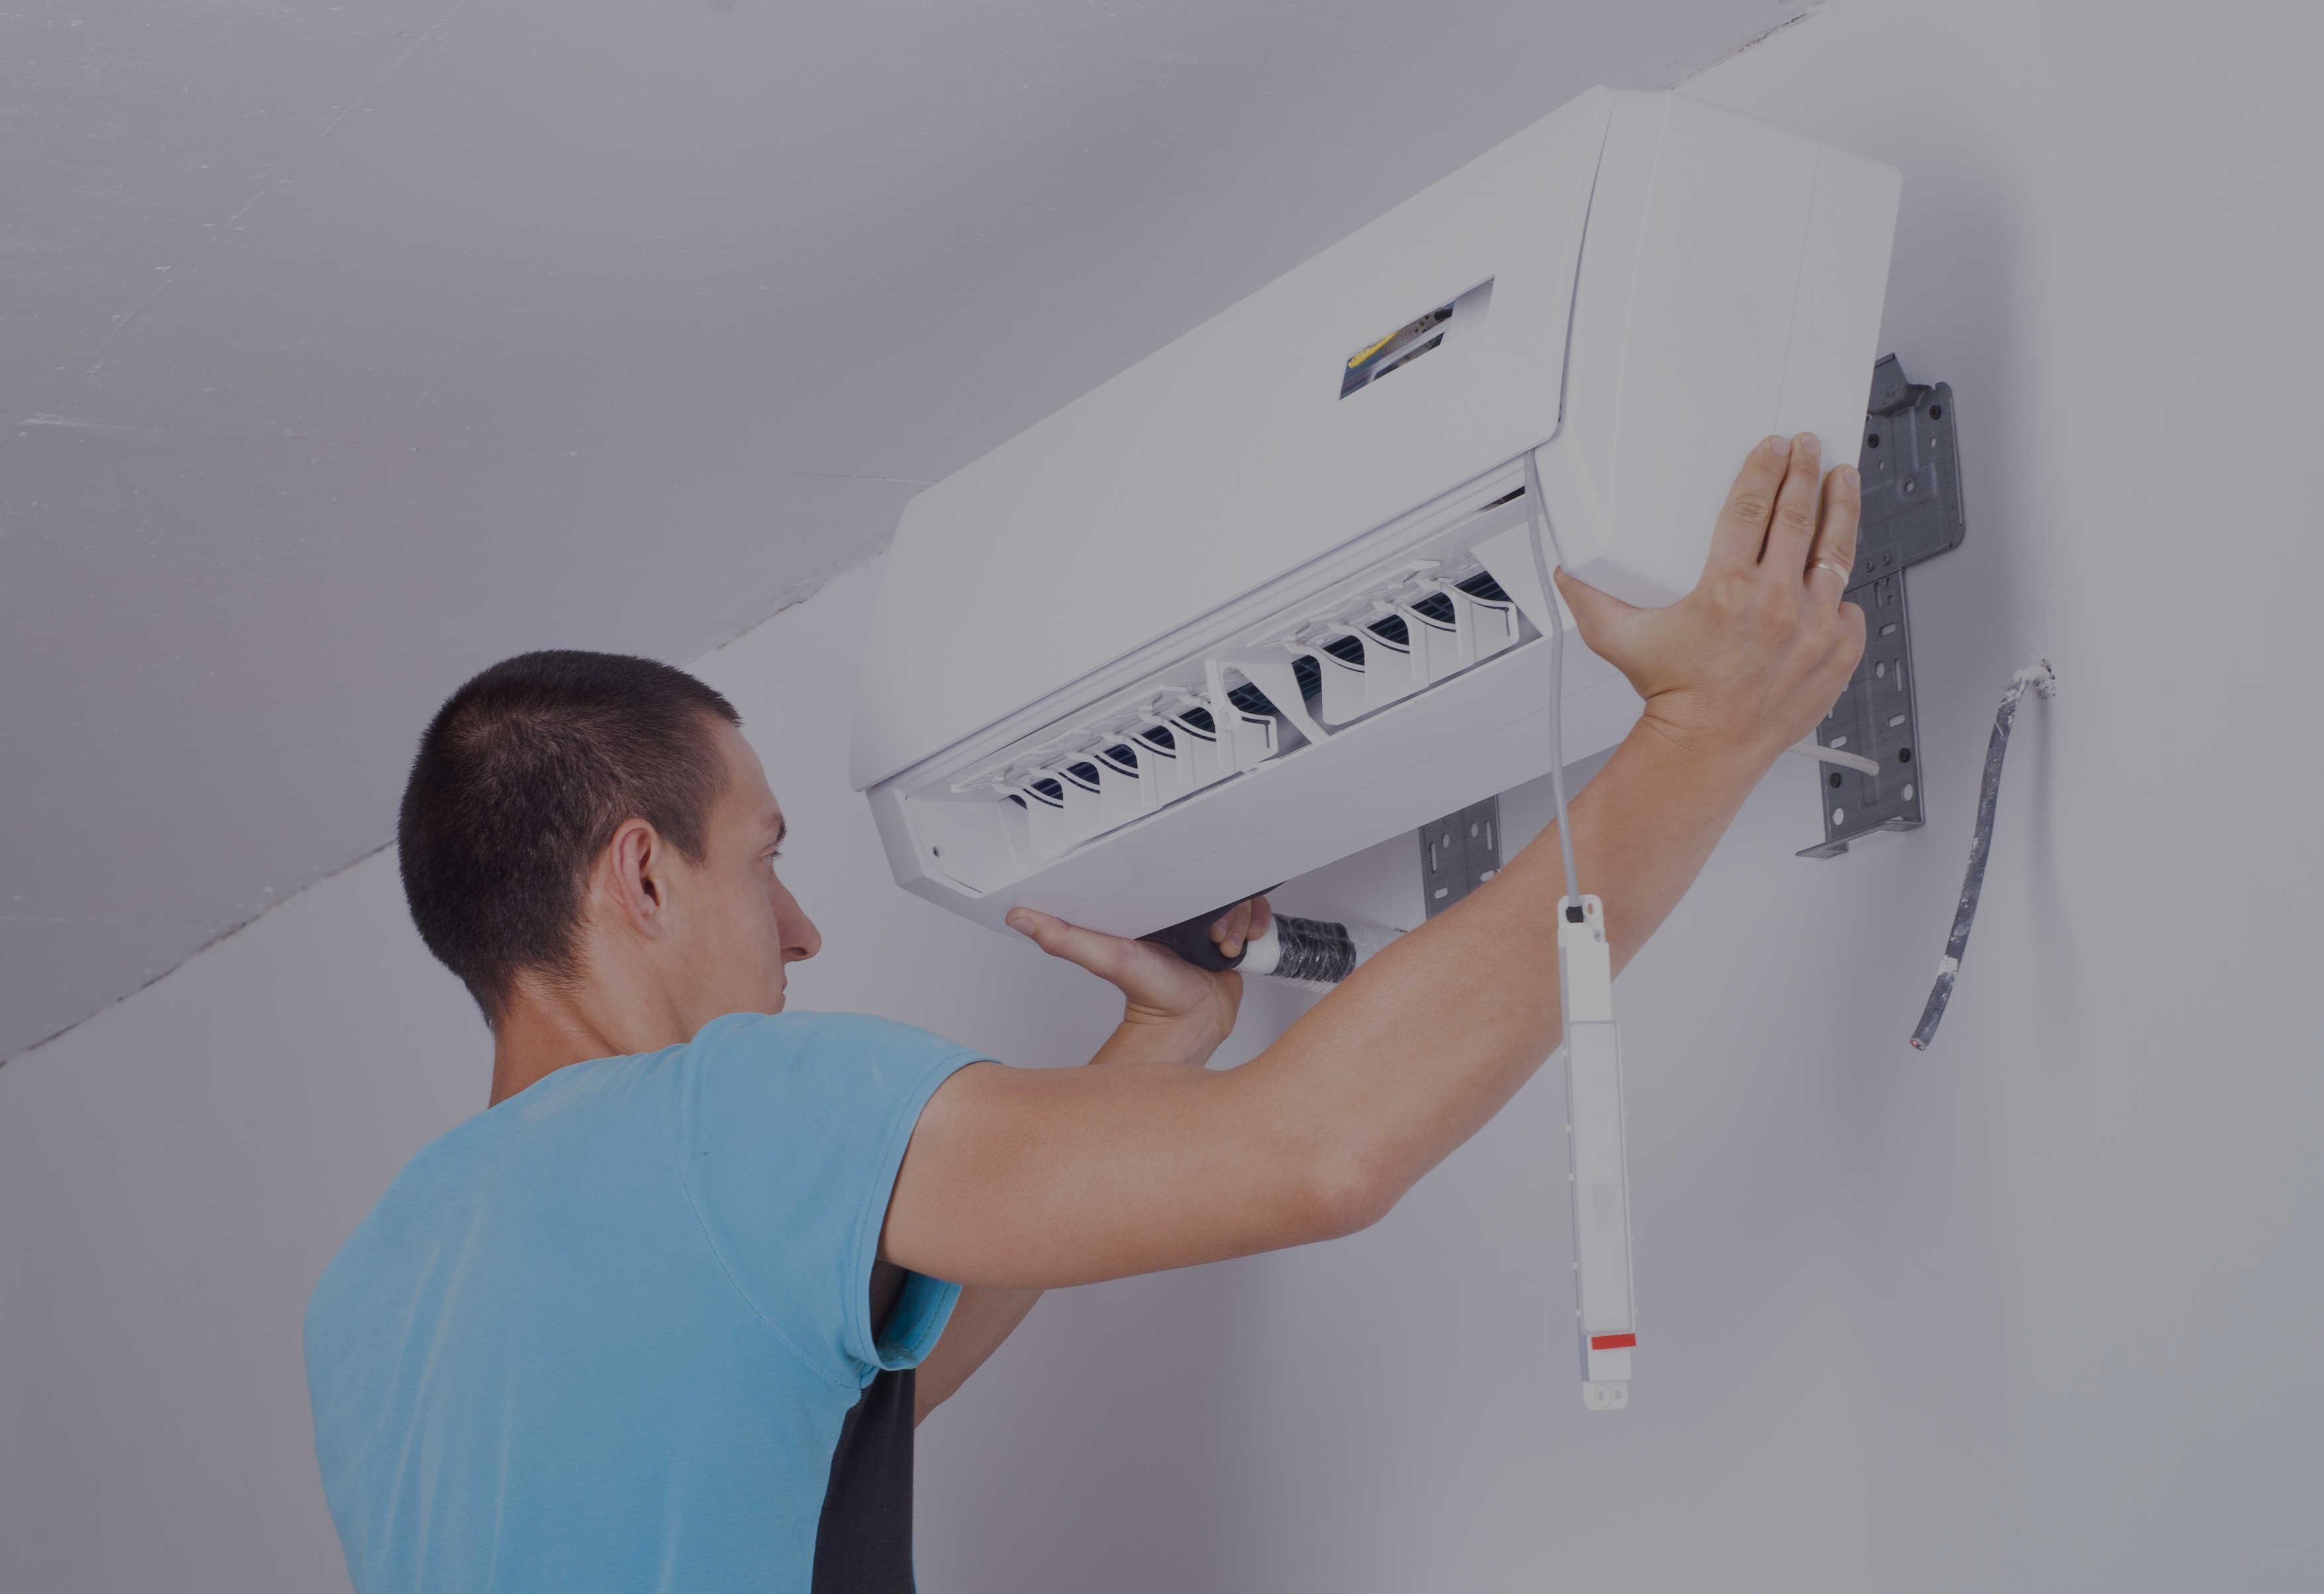 Установка кондиционера в квартире или частном доме: пошаговая инструкция для монтажа своими руками | фото & видео